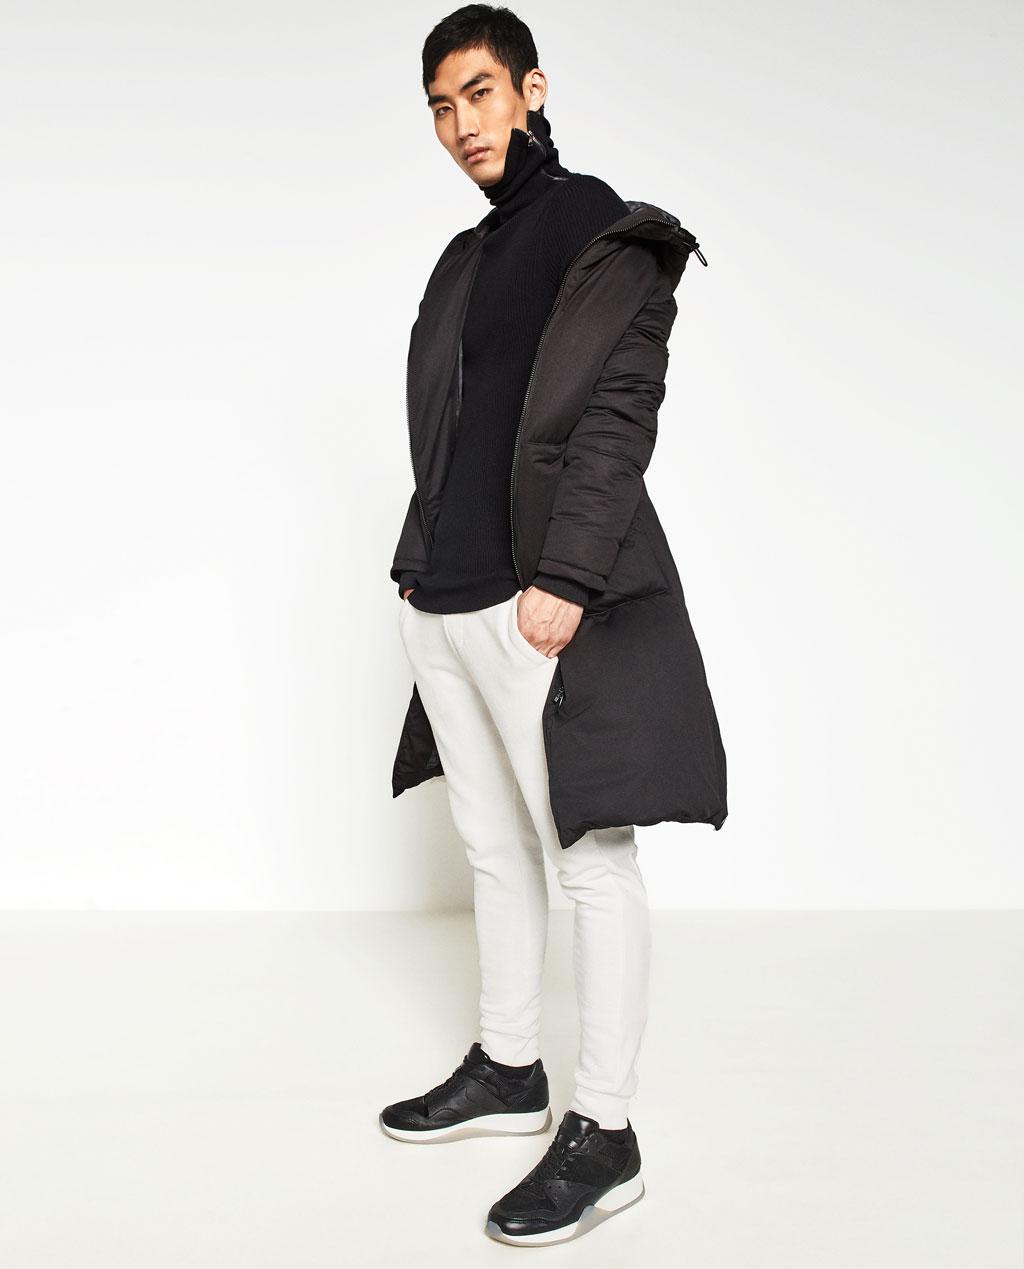 Zara: $40